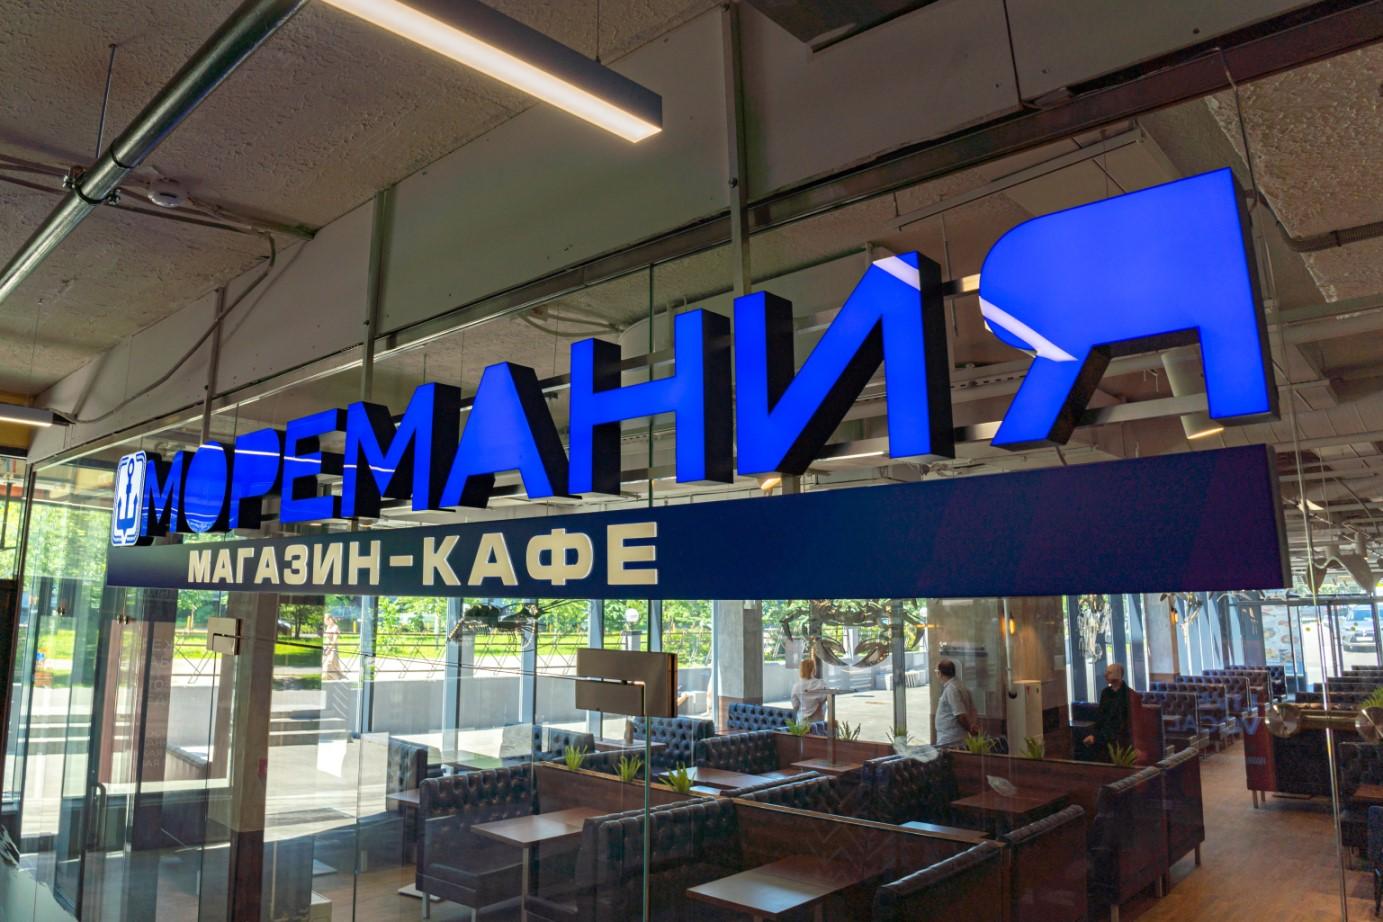 фото 1 на profcook.ru